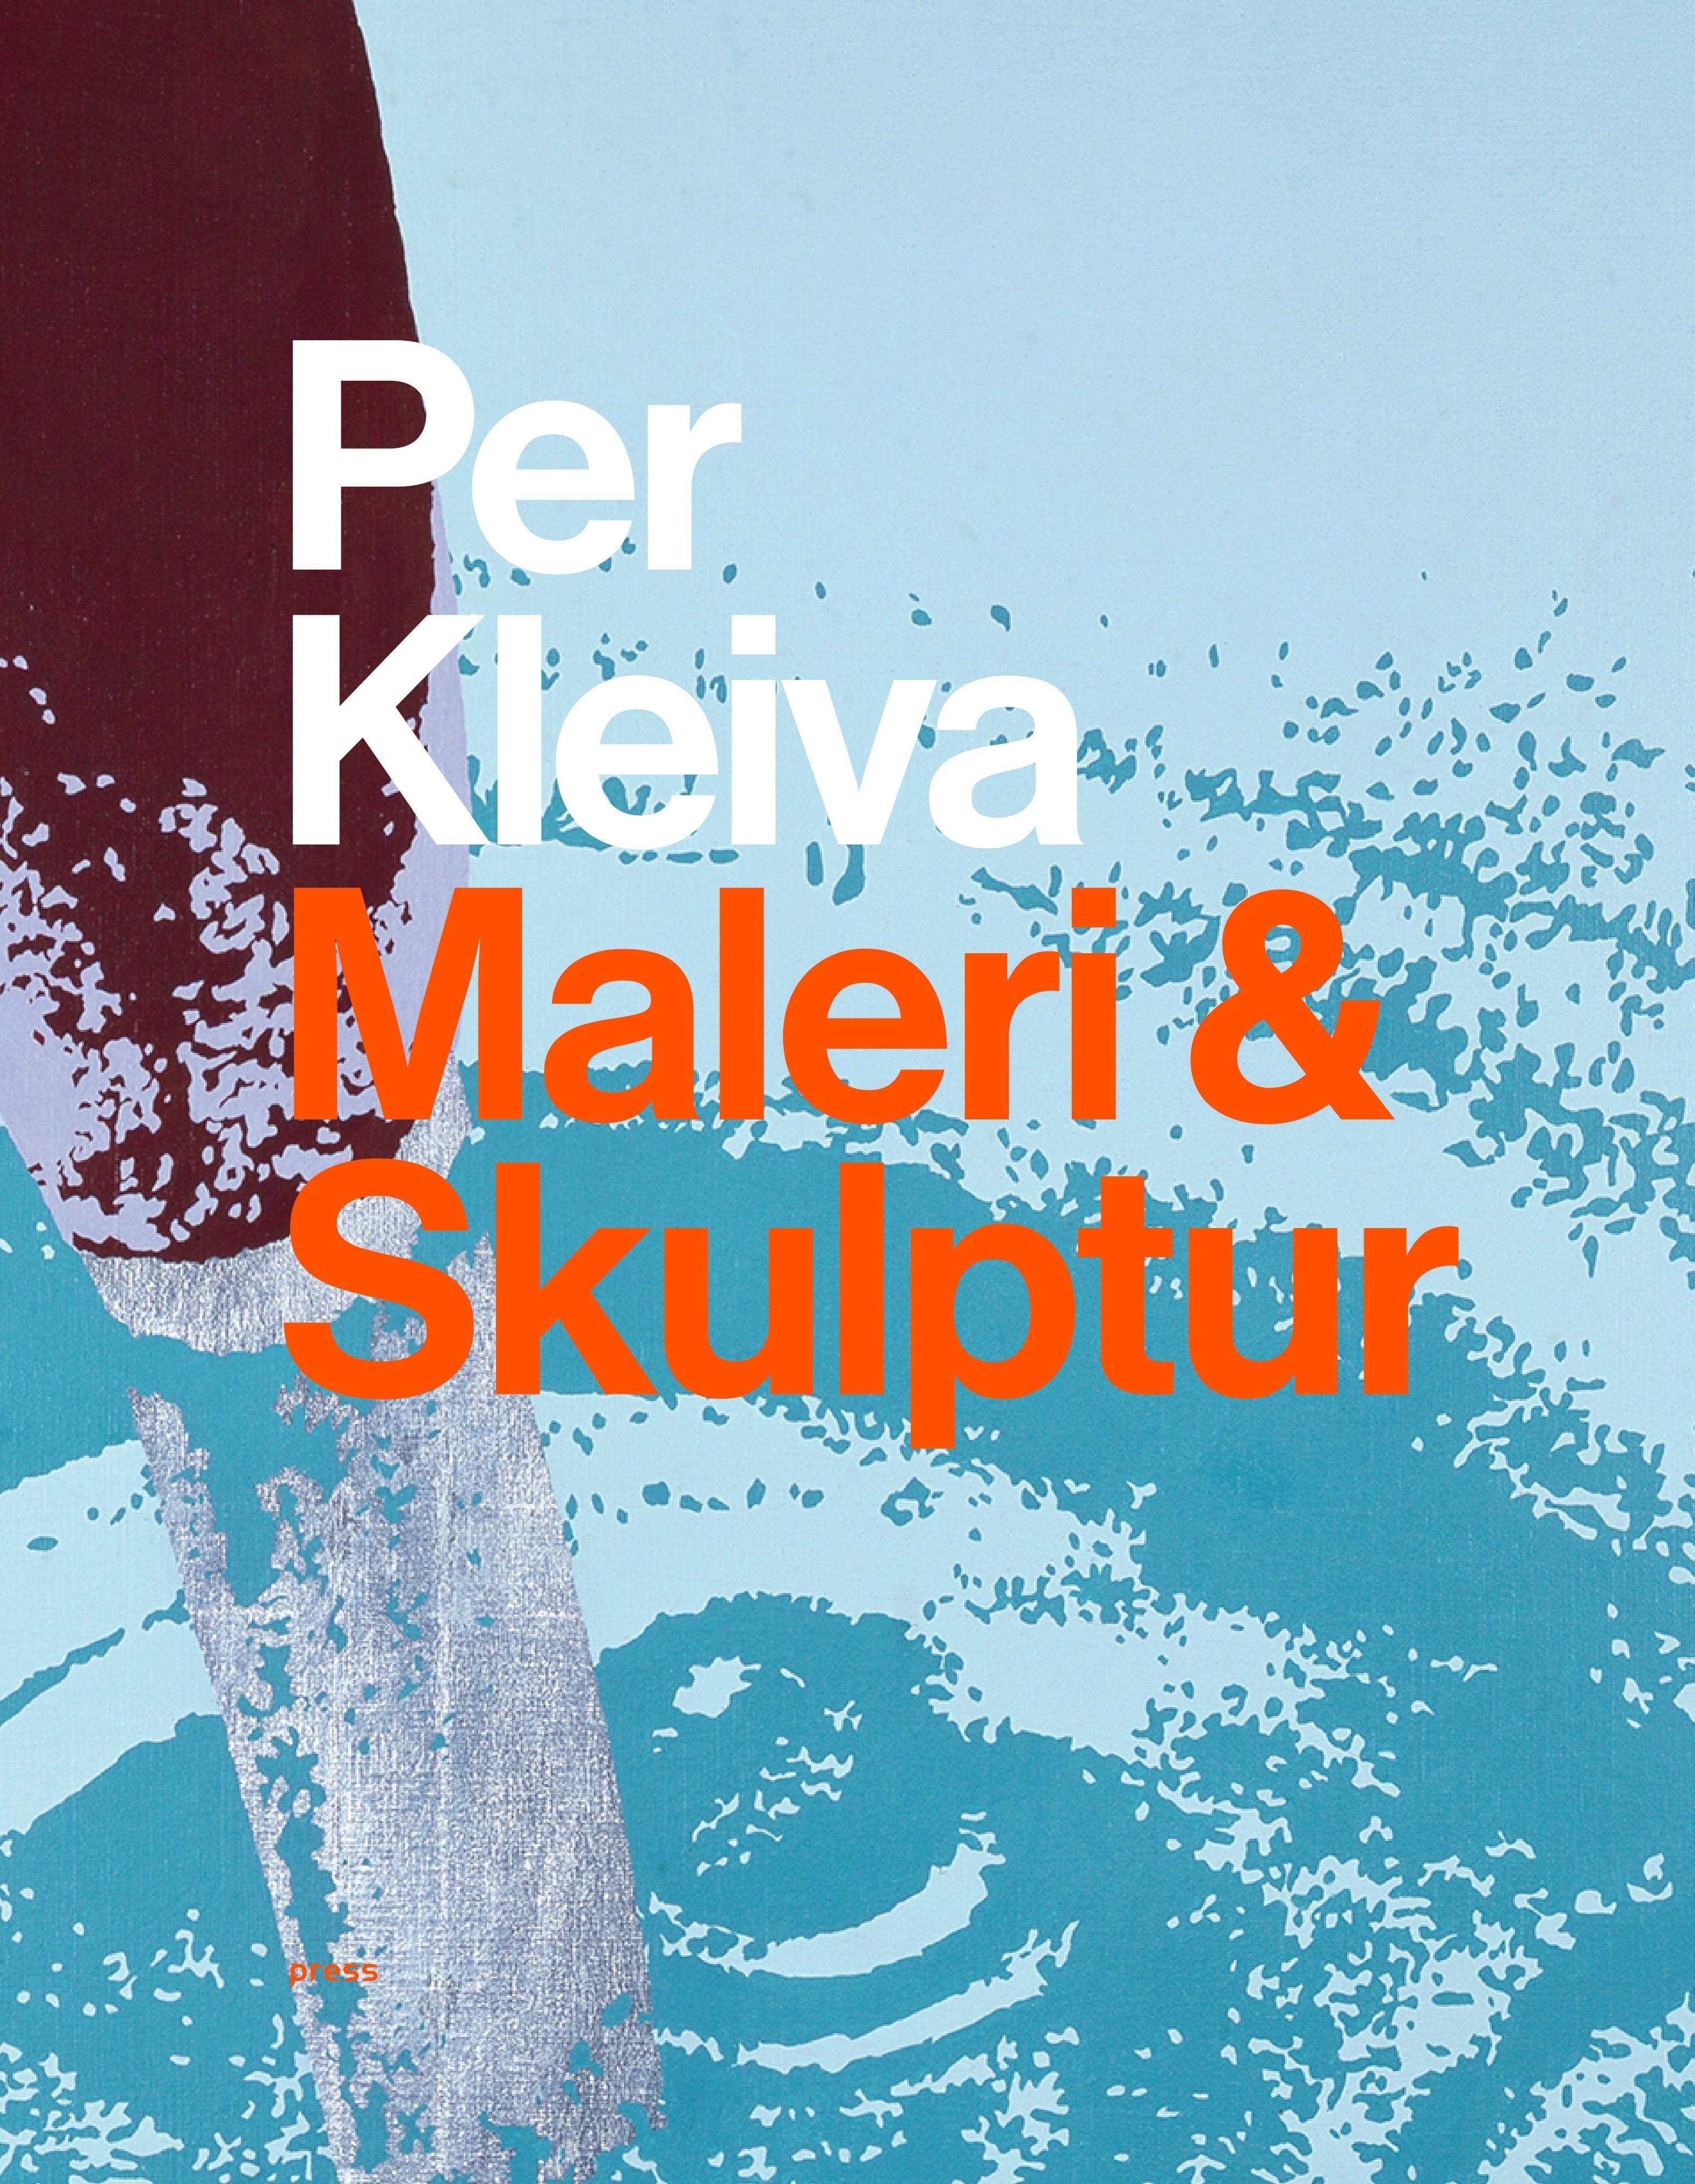 """""""Per Kleiva - maleri & skulptur"""" av Per Kleiva"""